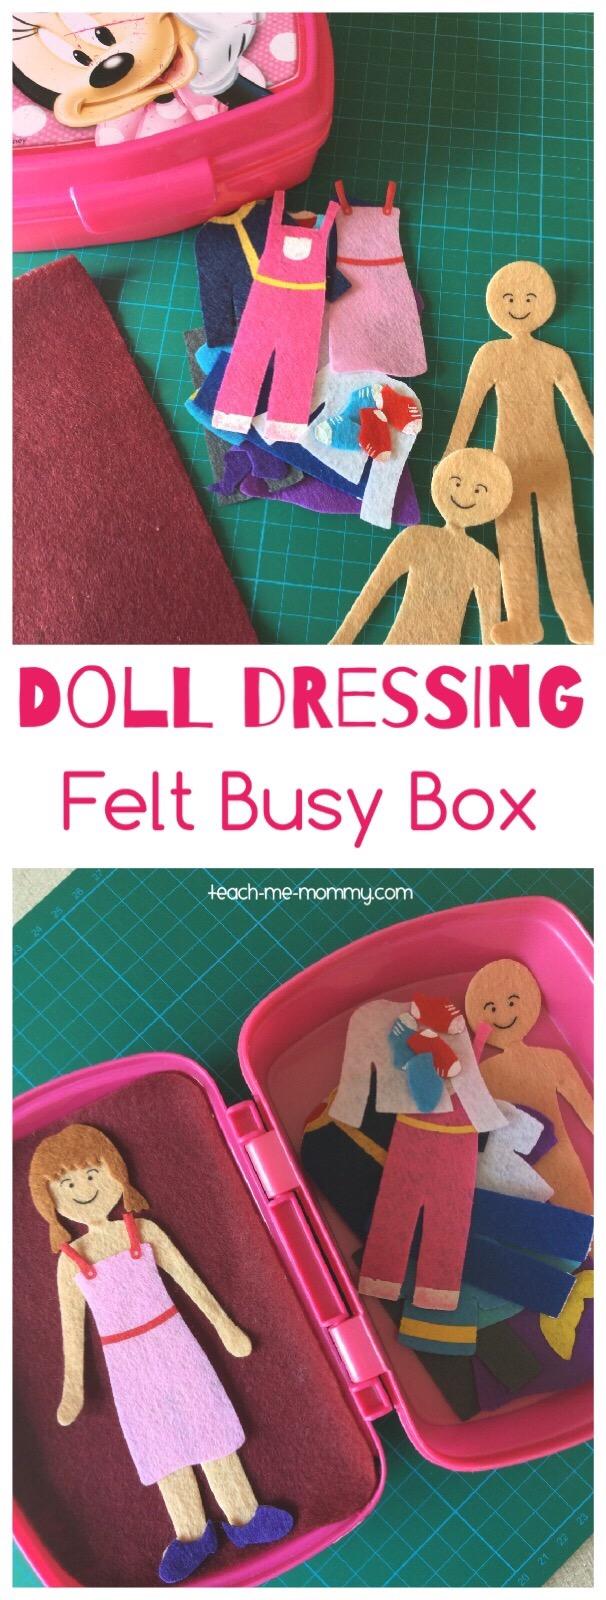 doll dressing felt